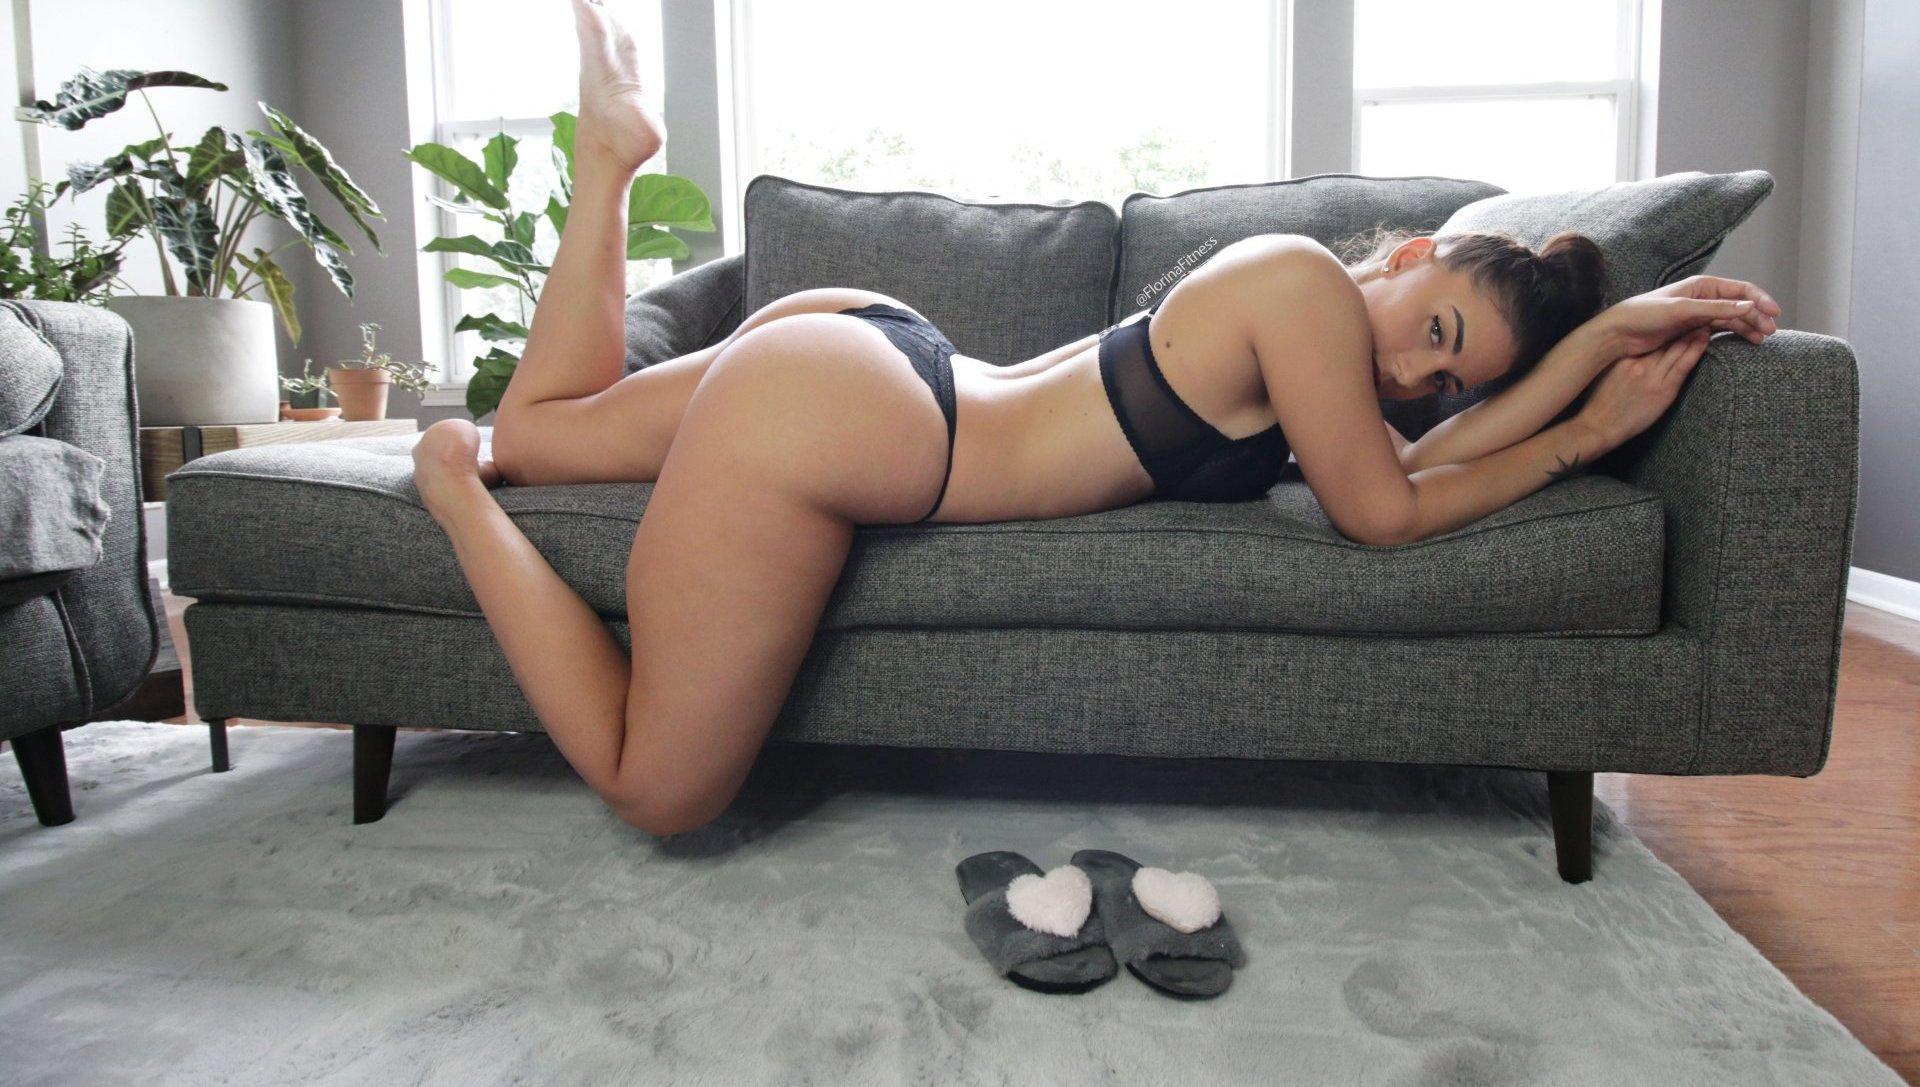 Fitness Florina Florina Patreon Nude Leaks 0027